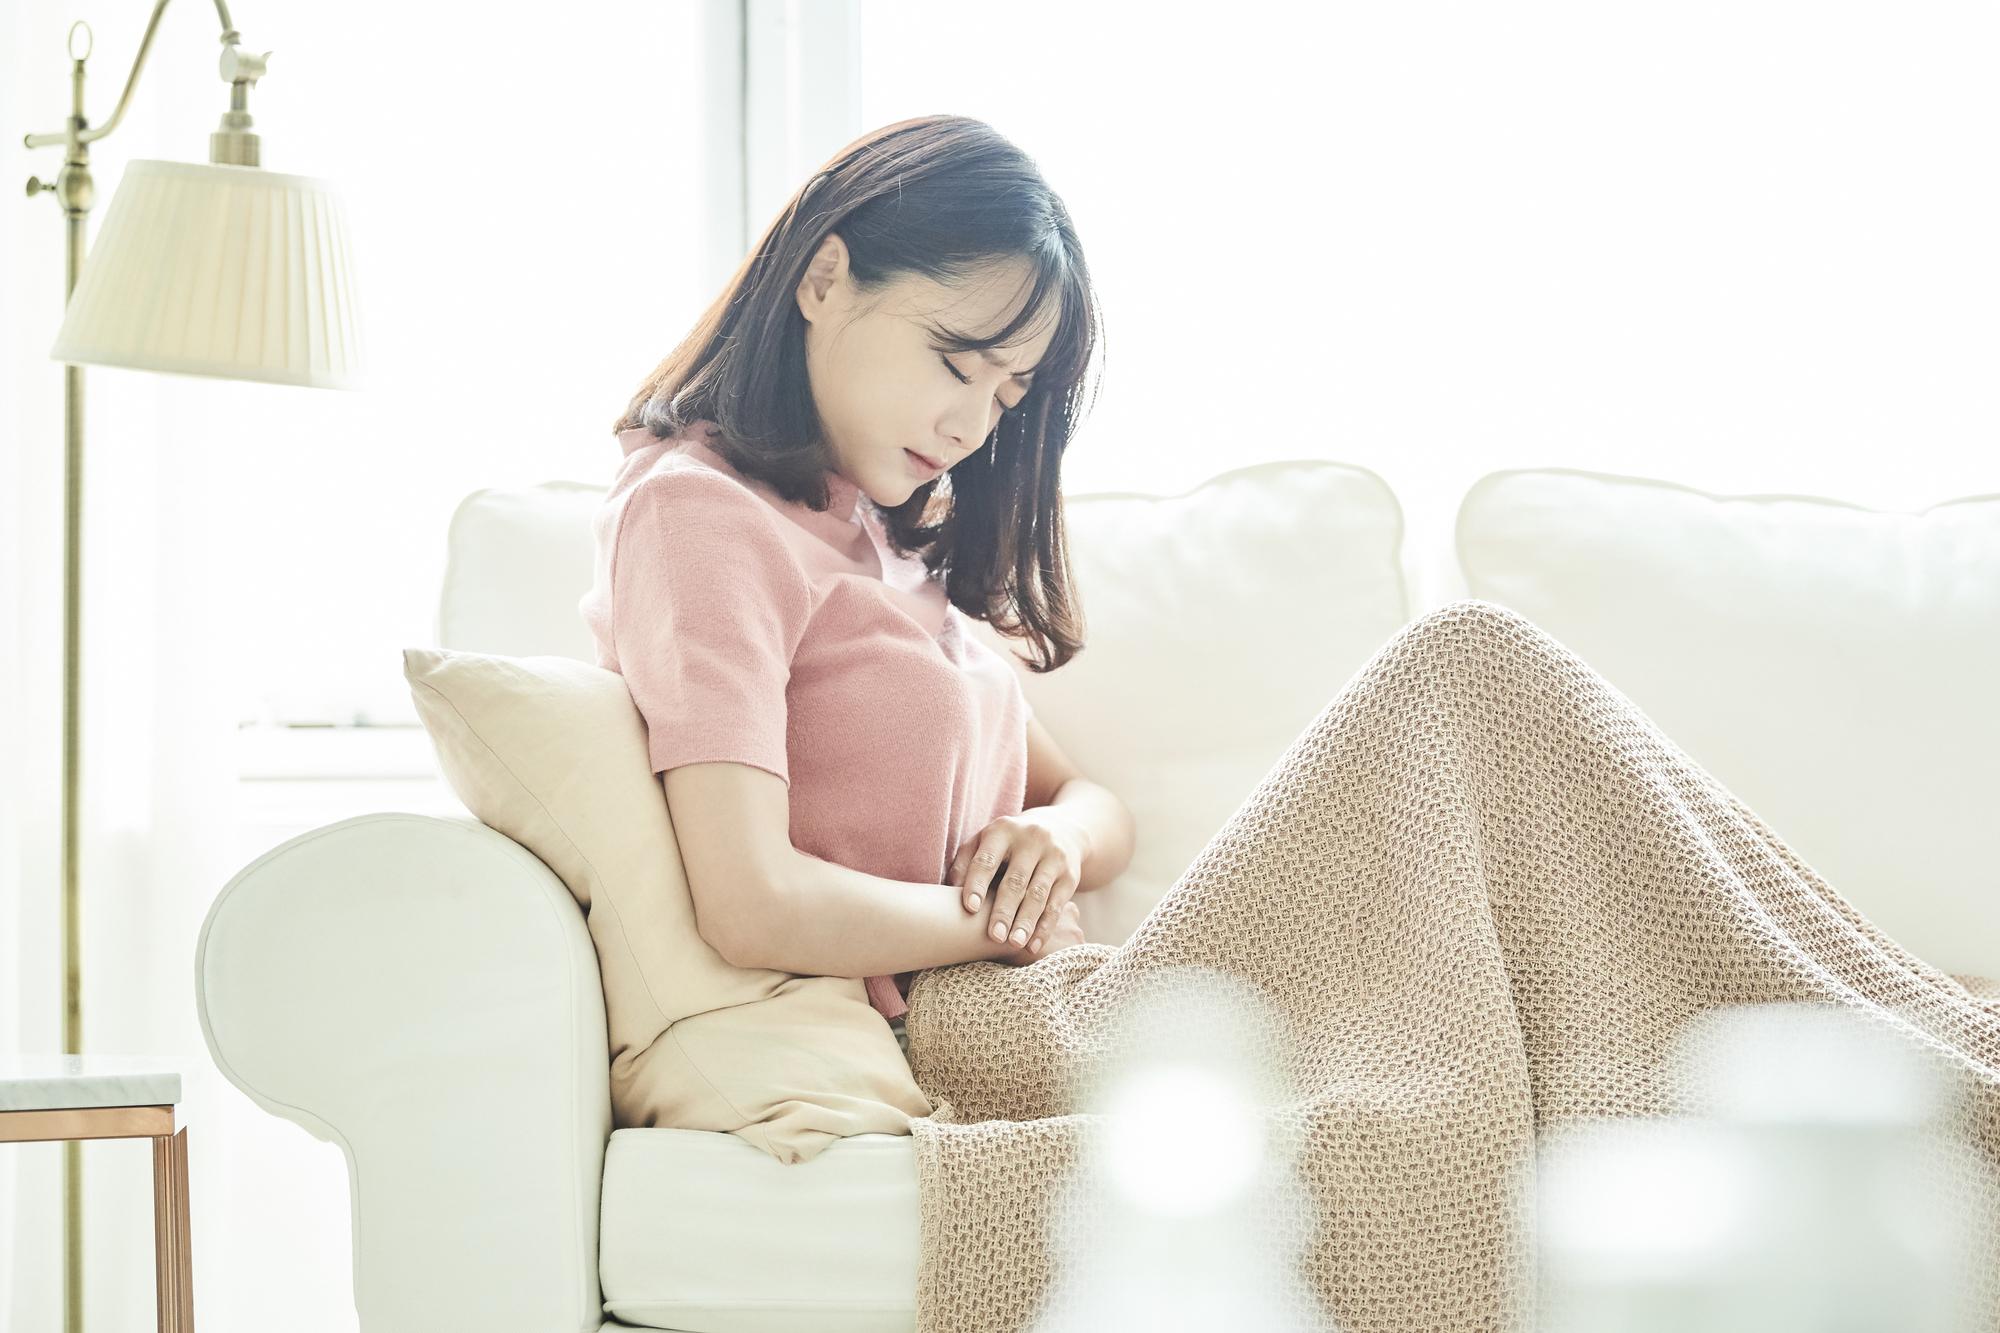 妊娠超初期~初期|腹痛の原因と対処。いつまで続く?出血や下痢も